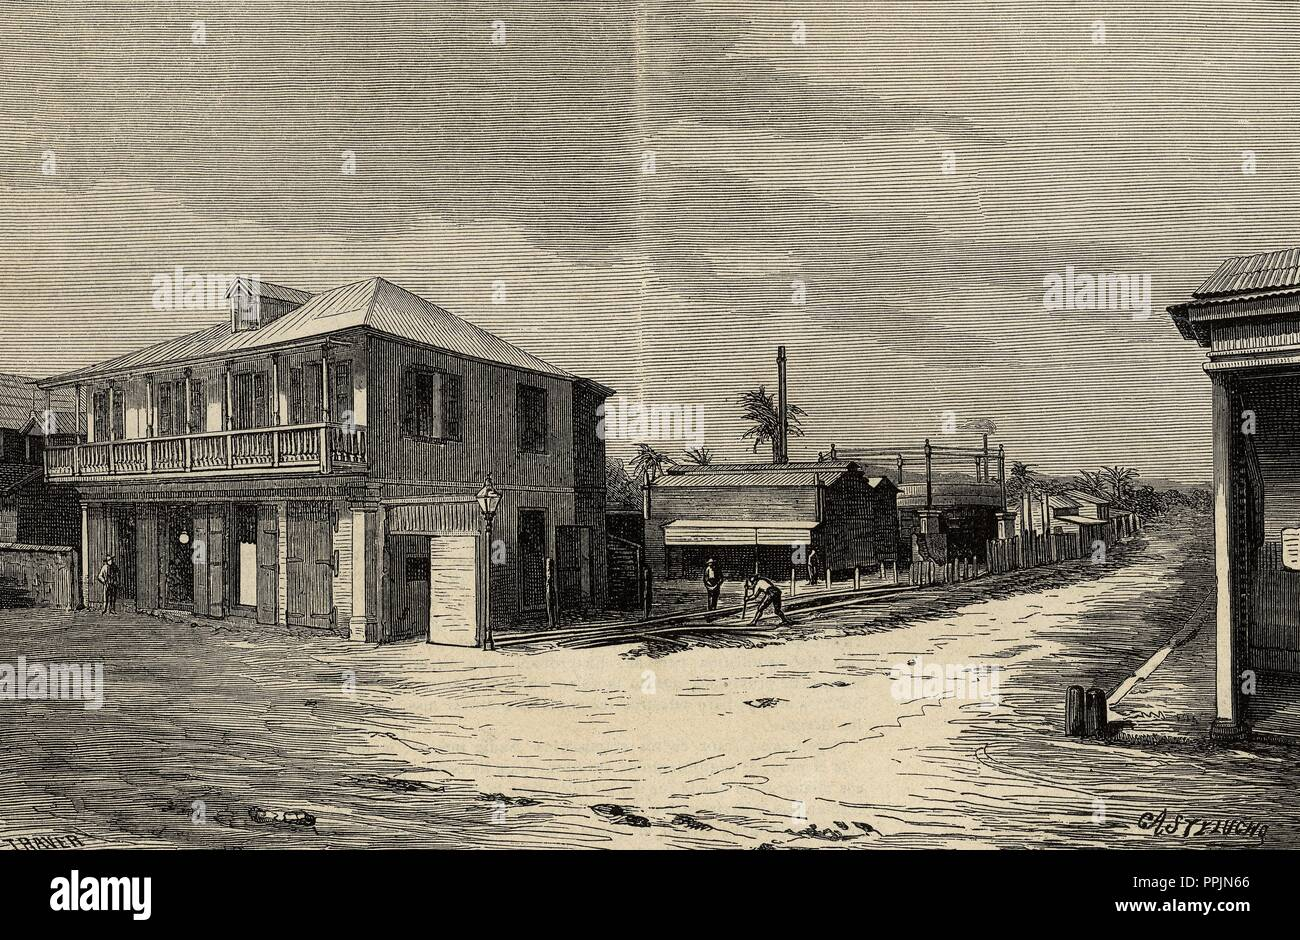 Puerto Rico. Mayaquez city. Gasometer and offices. Engraving by Traver 'La Ilustracion Espanola y Americana', 1878. - Stock Image